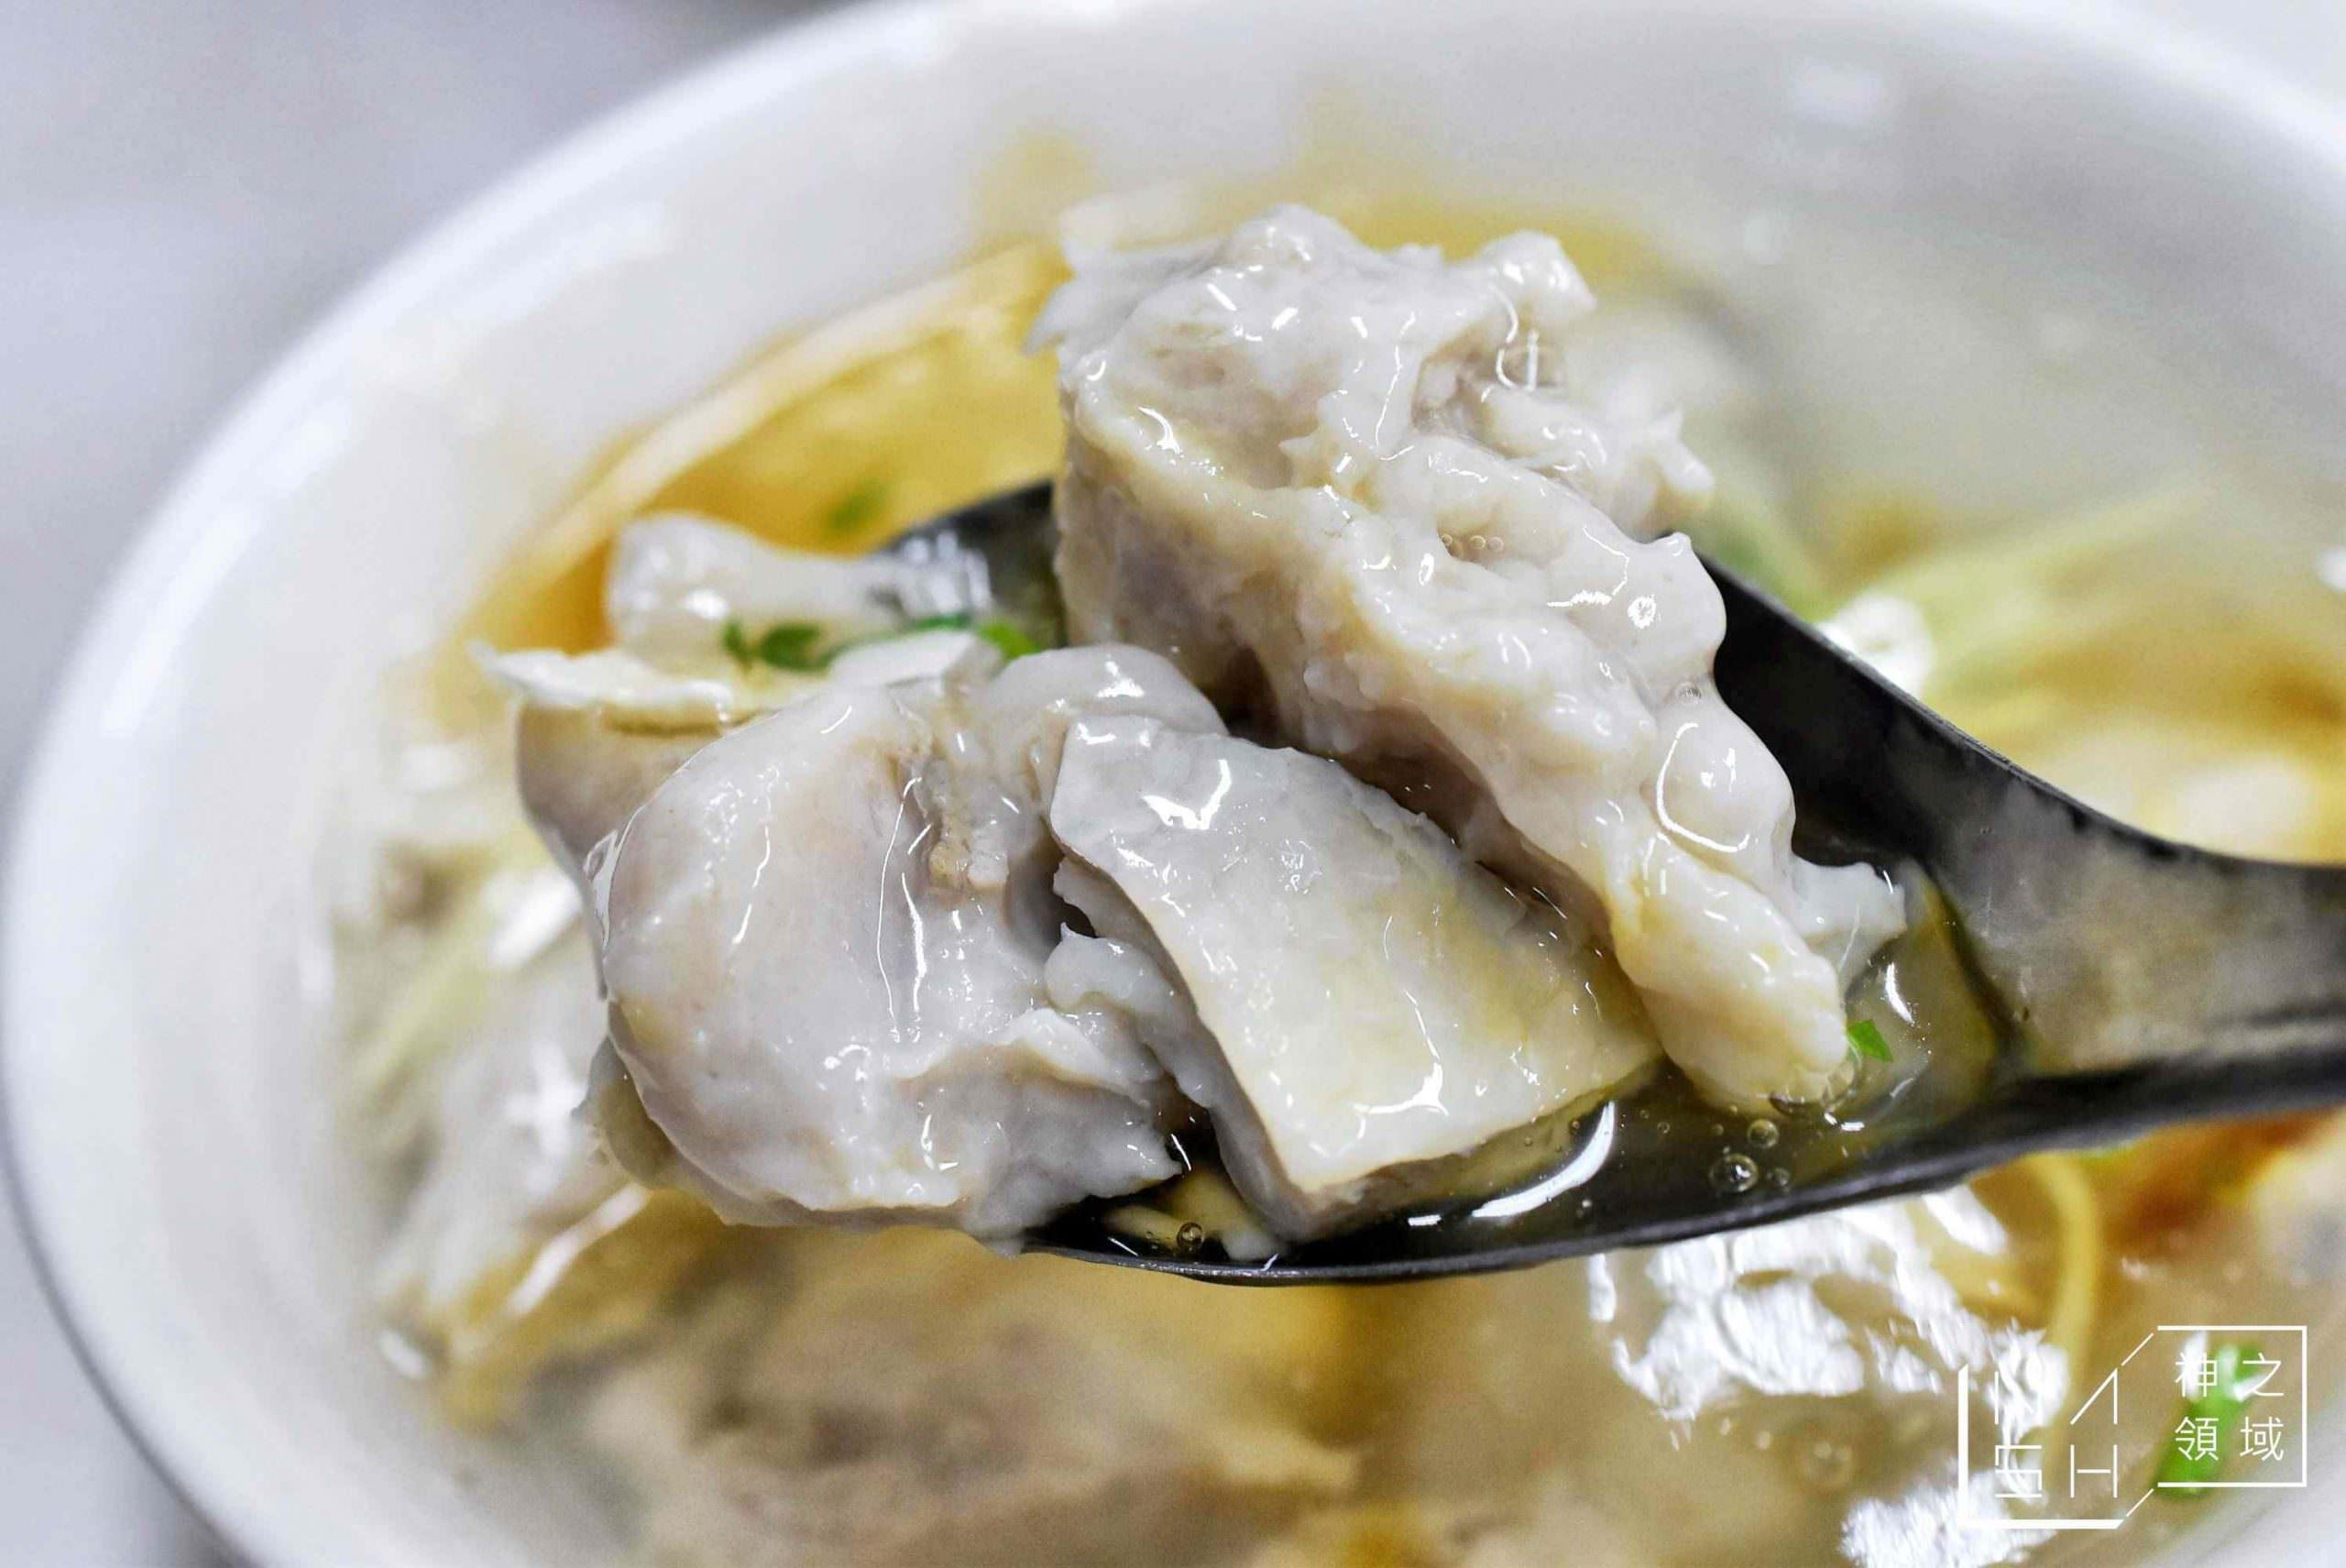 阿鳳浮水魚羹